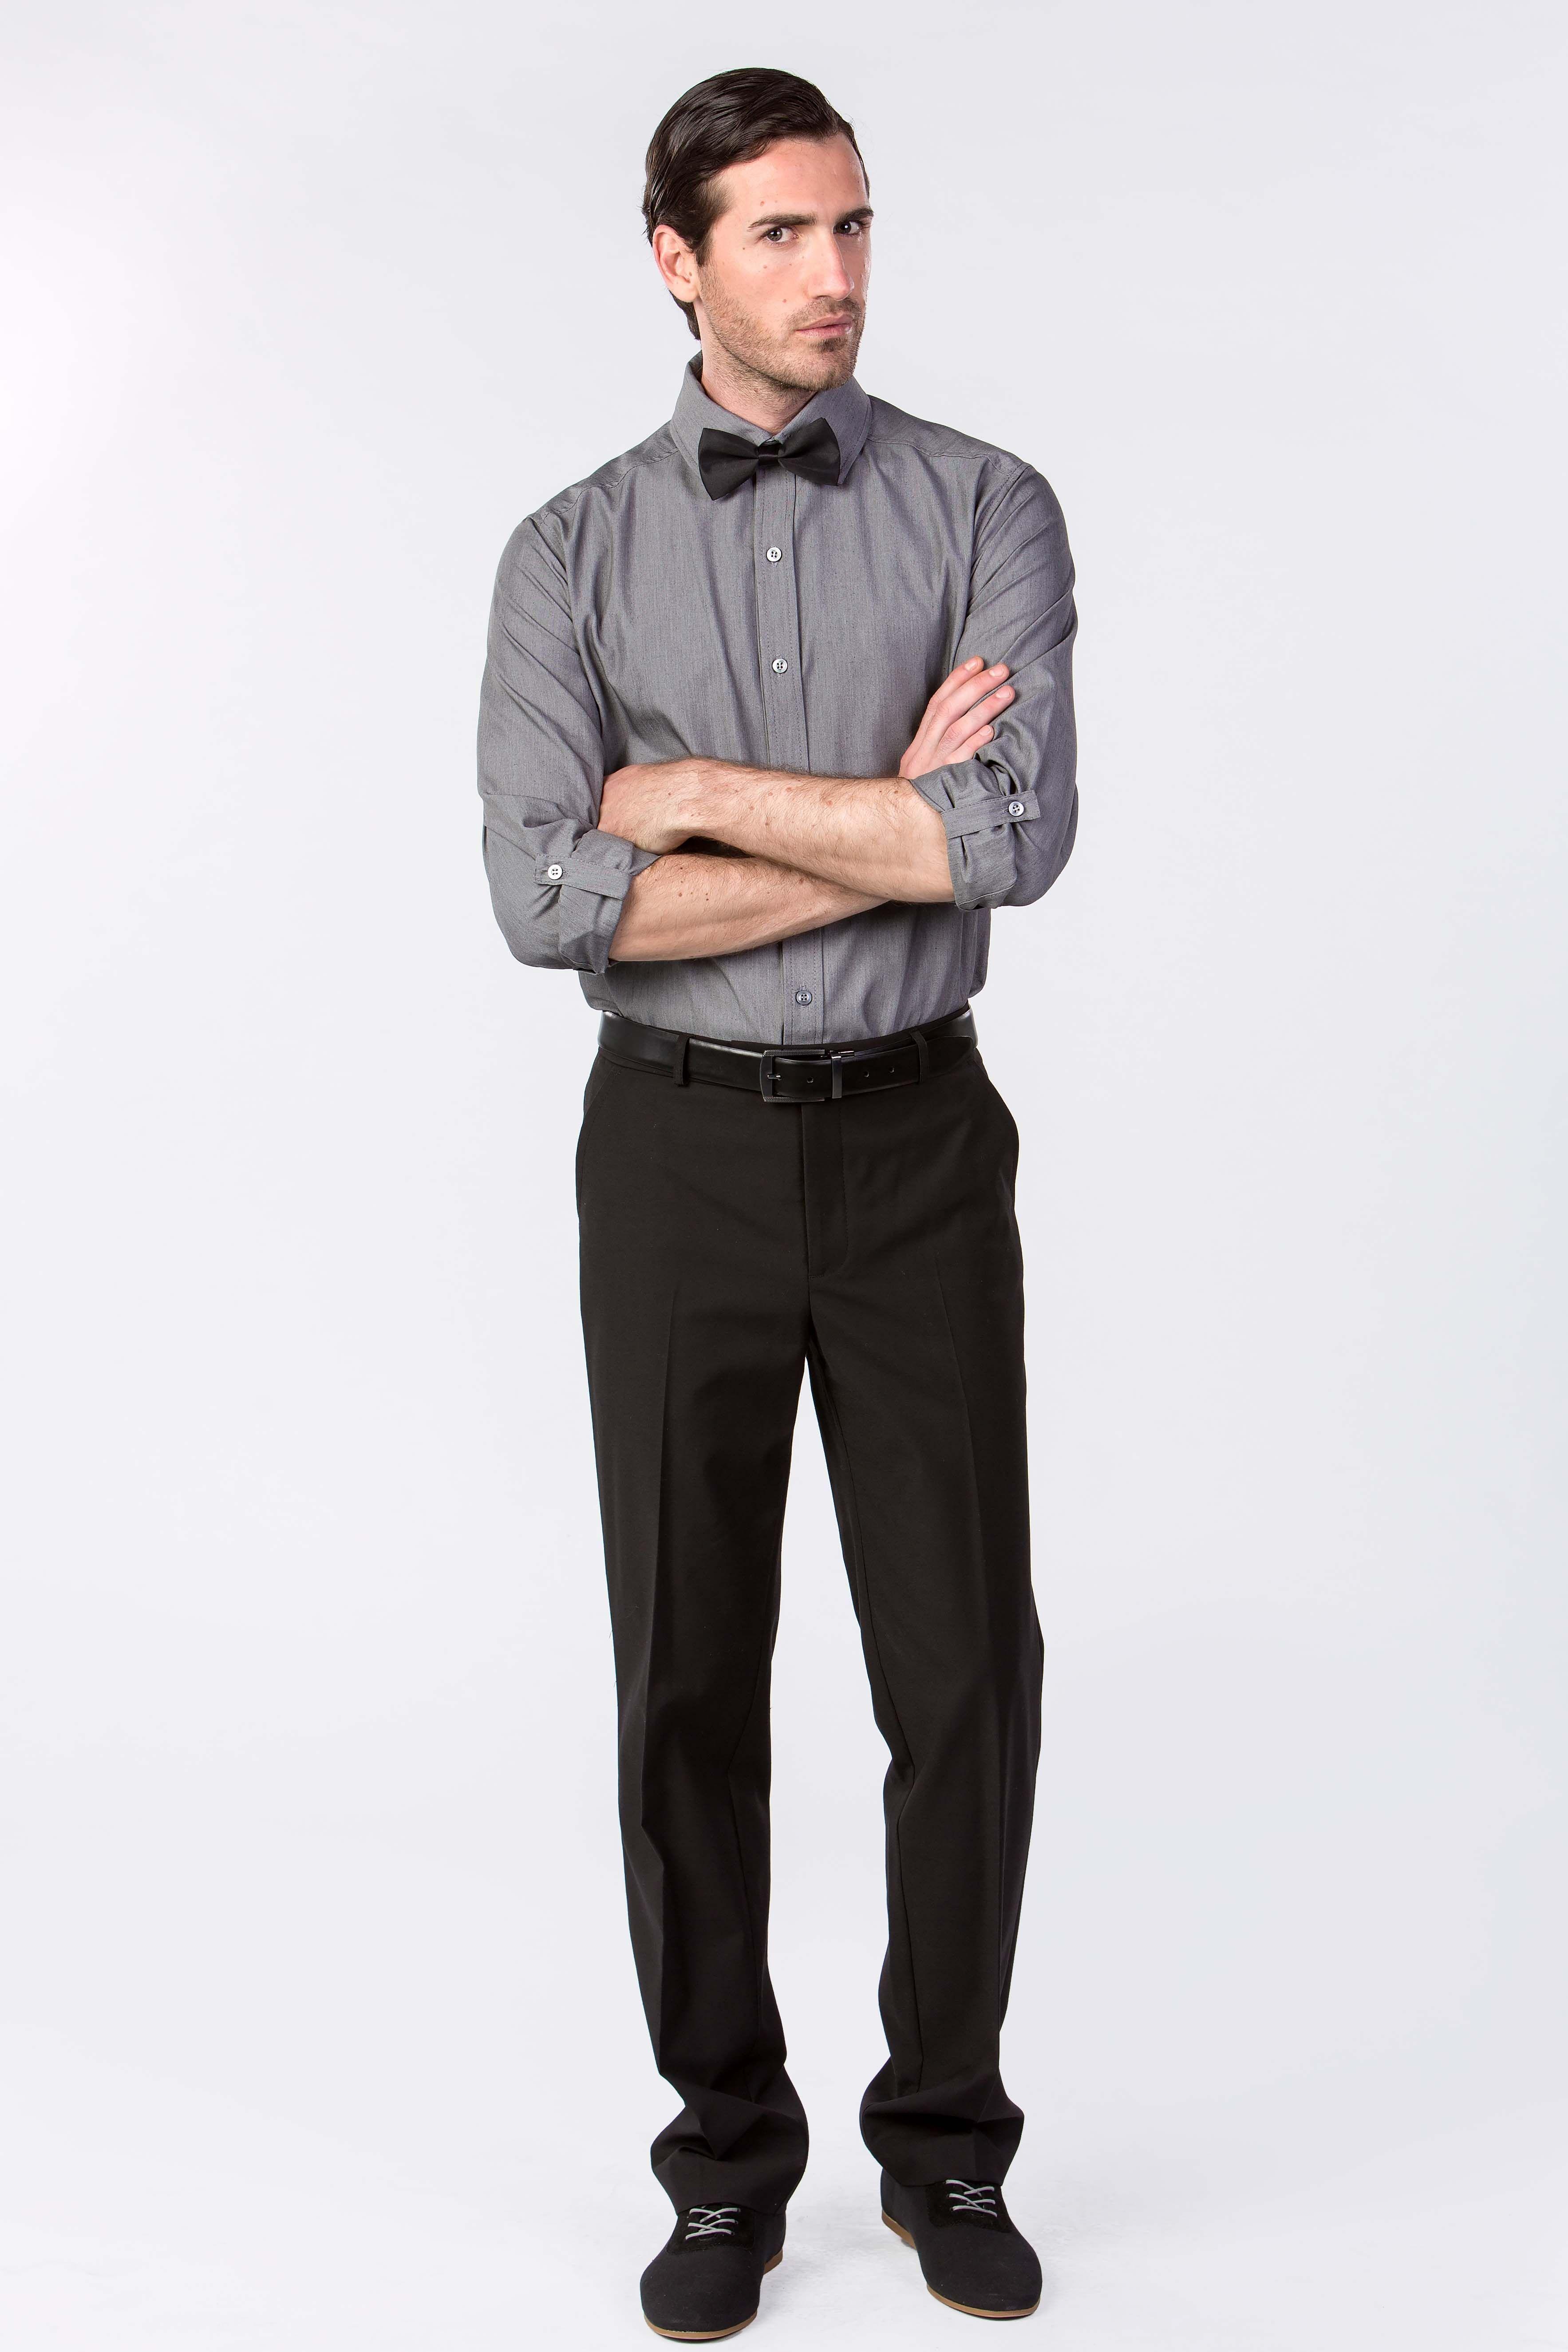 uniformes restaurant corporatif le look classique de serveur avec une touche moderne chemise. Black Bedroom Furniture Sets. Home Design Ideas